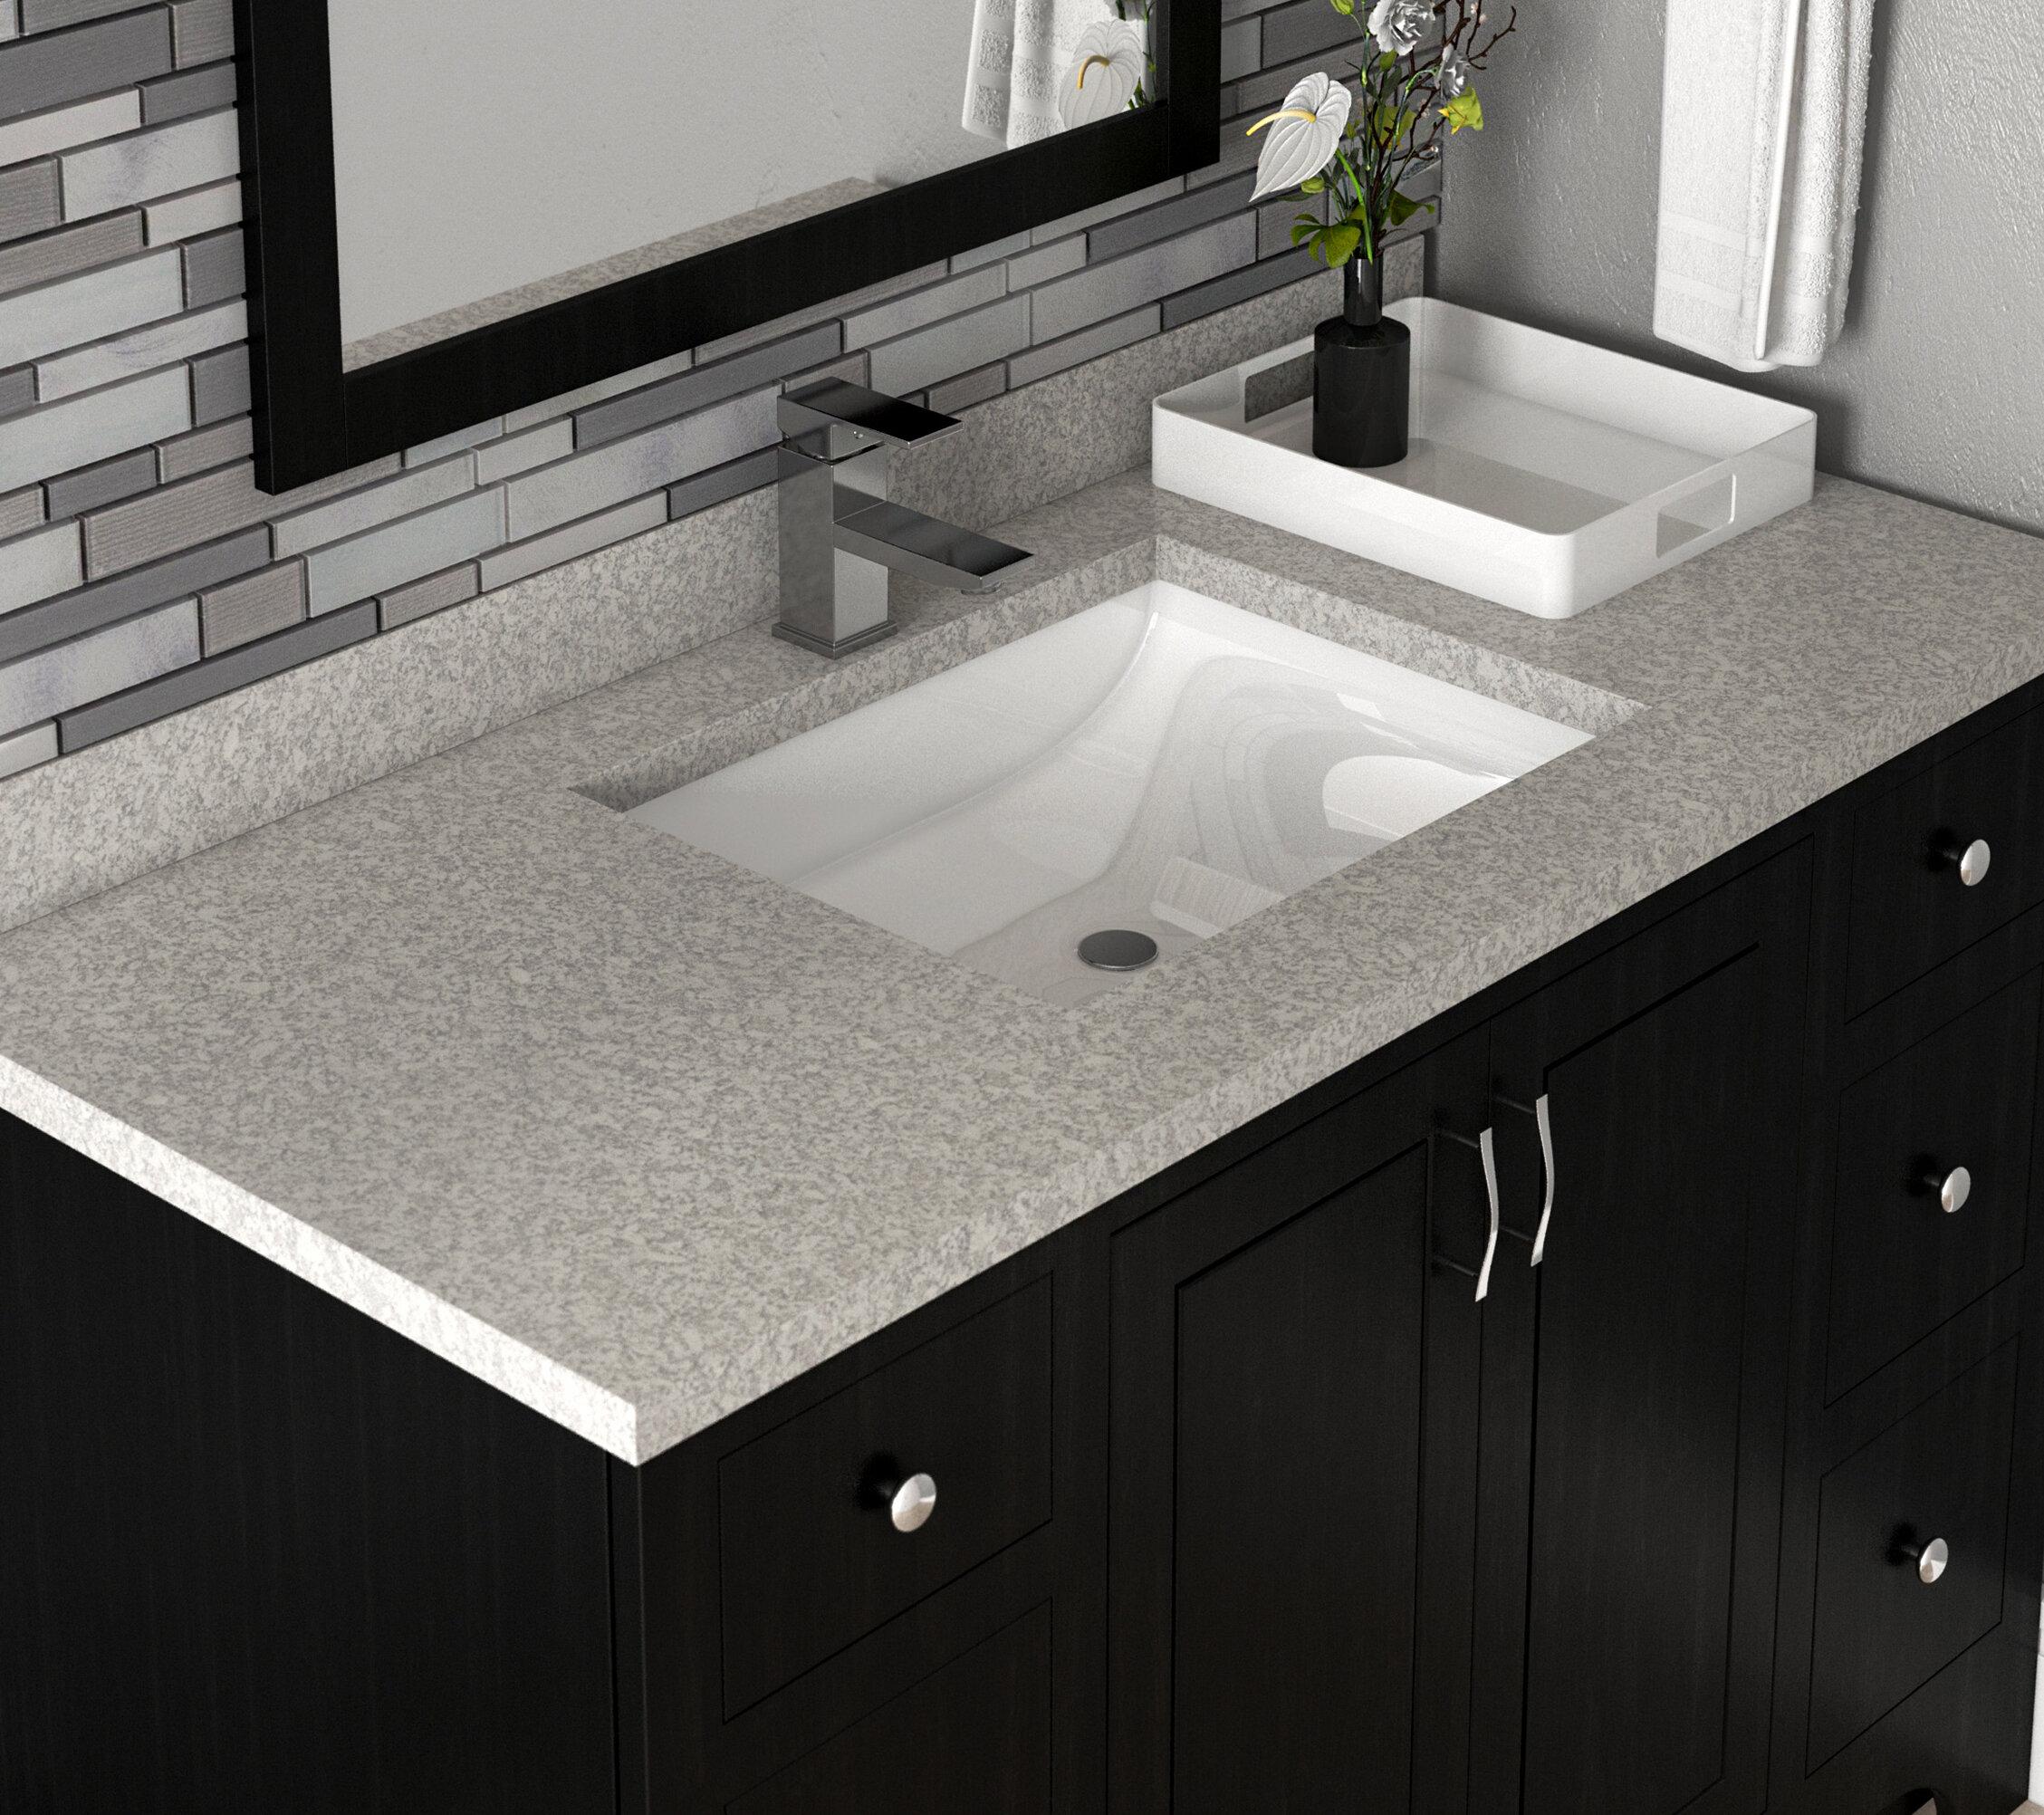 Design house wave bowl cultured marble 25 single bathroom vanity top wayfair ca